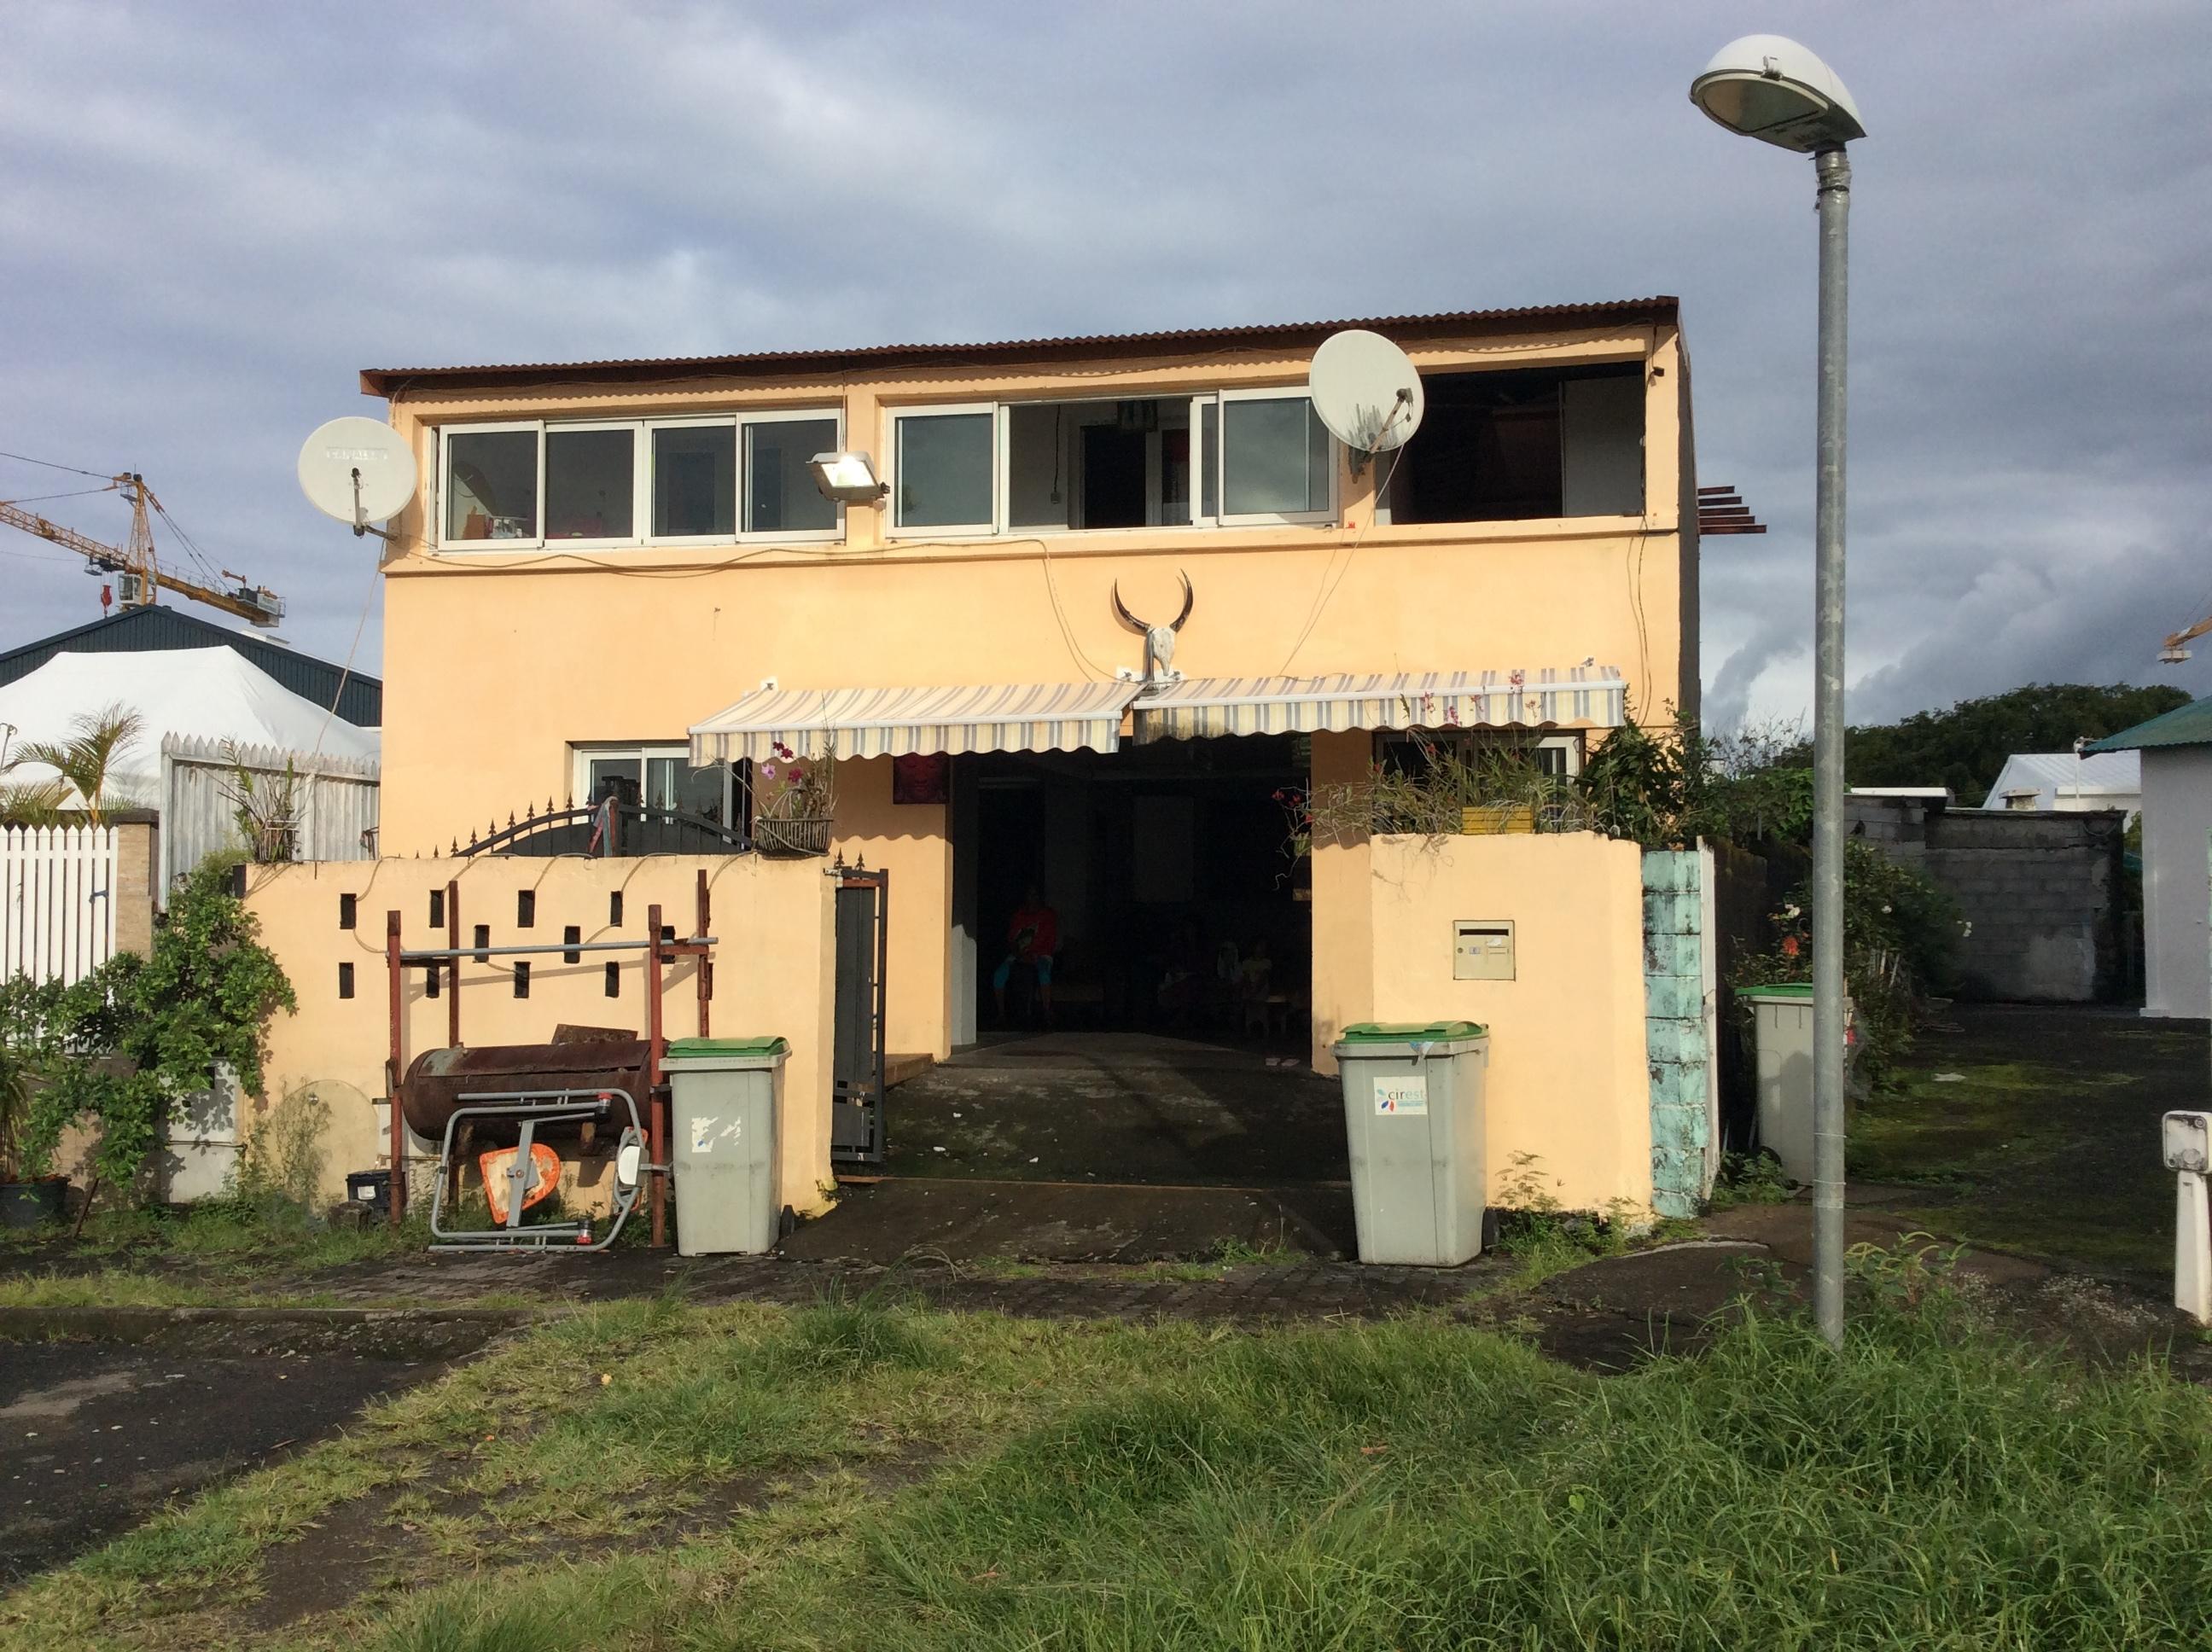 Immobilier Saint Beno t 974 annonces immobili¨res  Saint Beno t